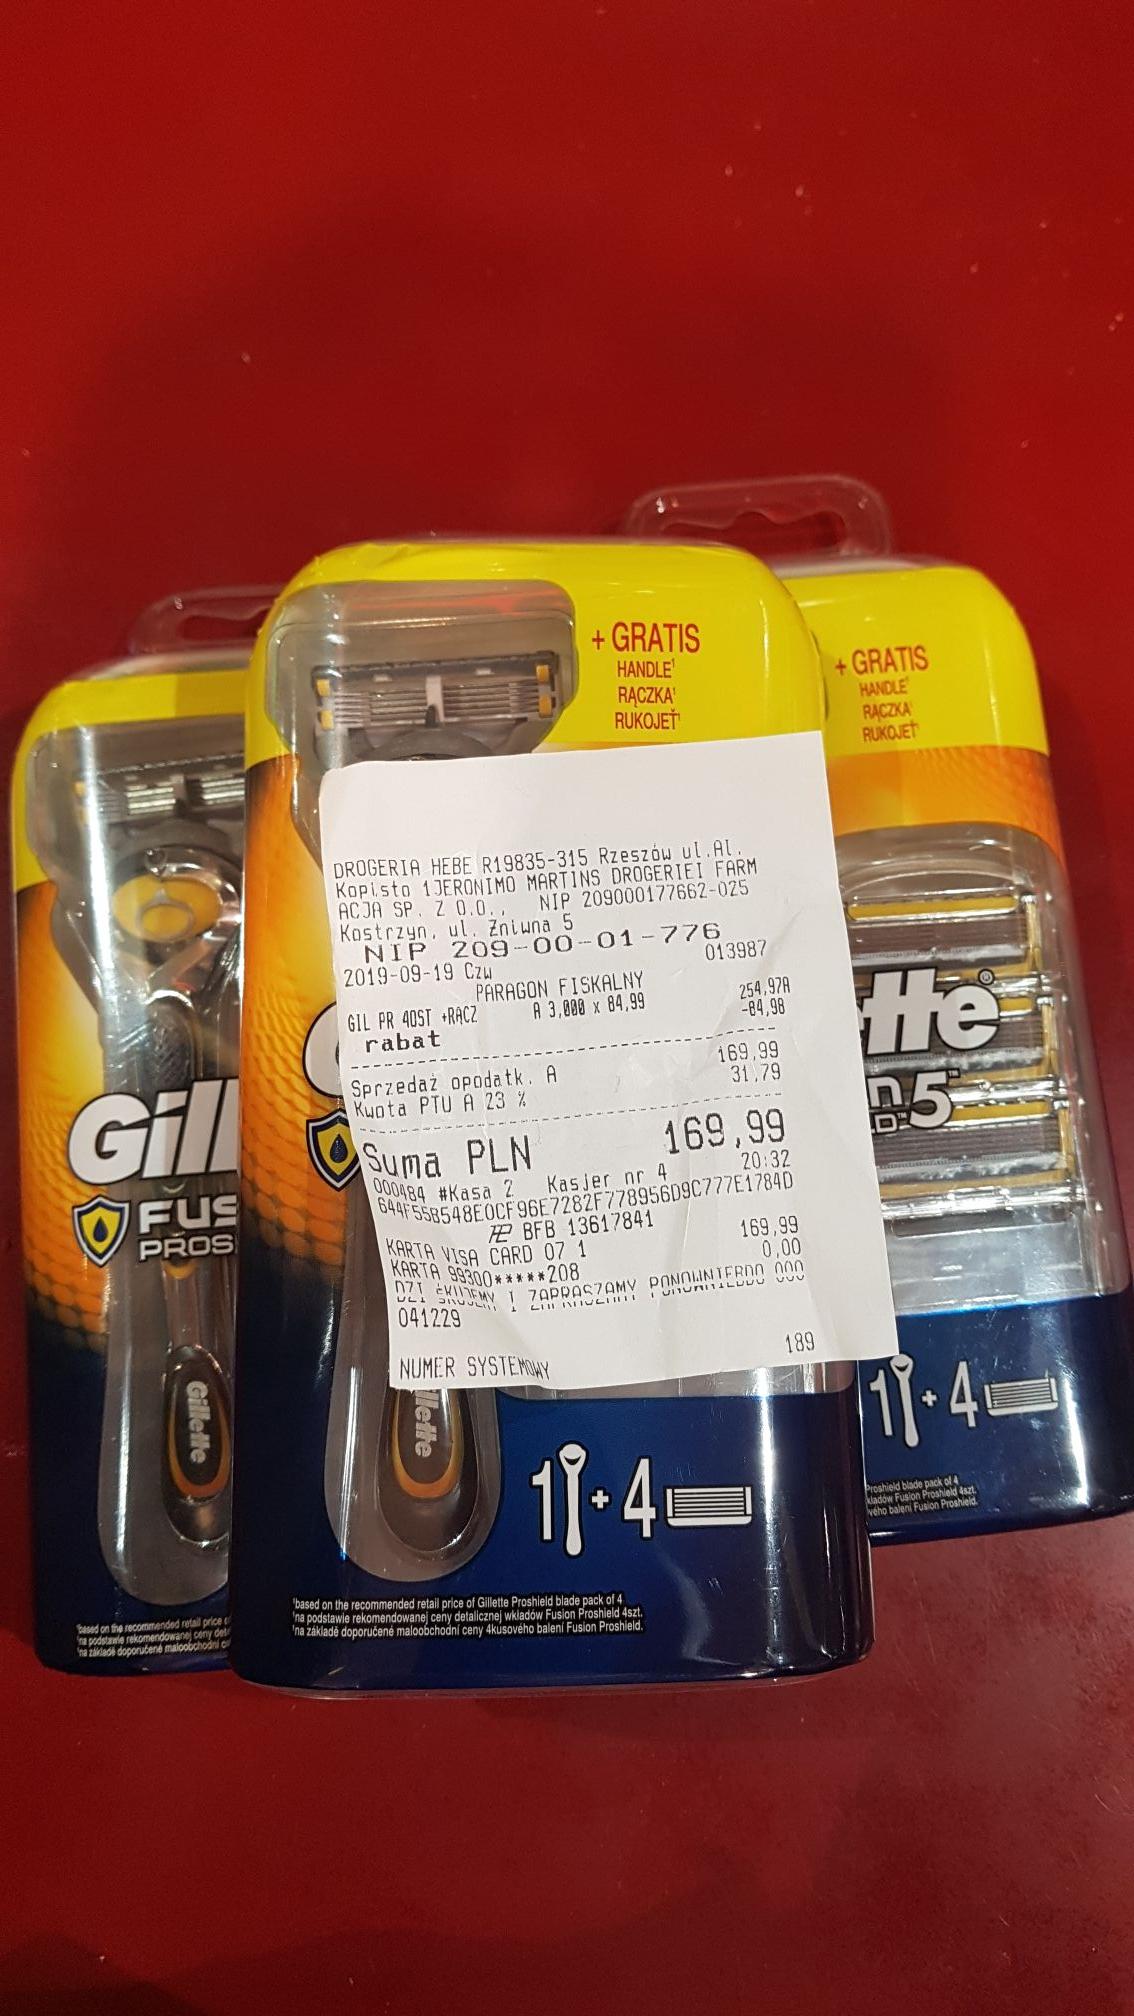 12 wkładów Gillete Fushion 5 Proshield